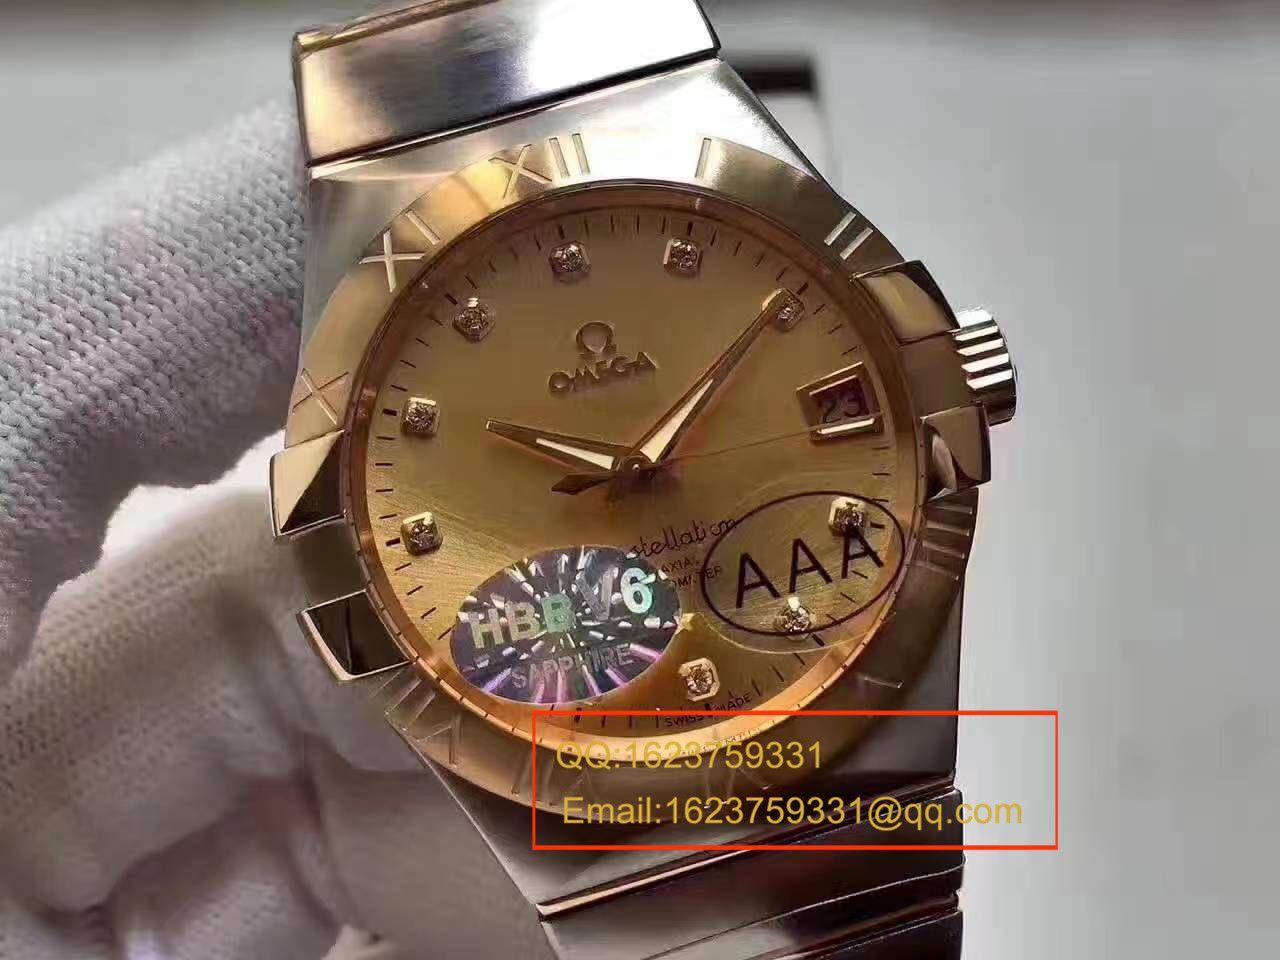 【HBBV6厂一比一超A精仿手表】欧米茄星座系列123.20.38.21.58.001腕表 / M307